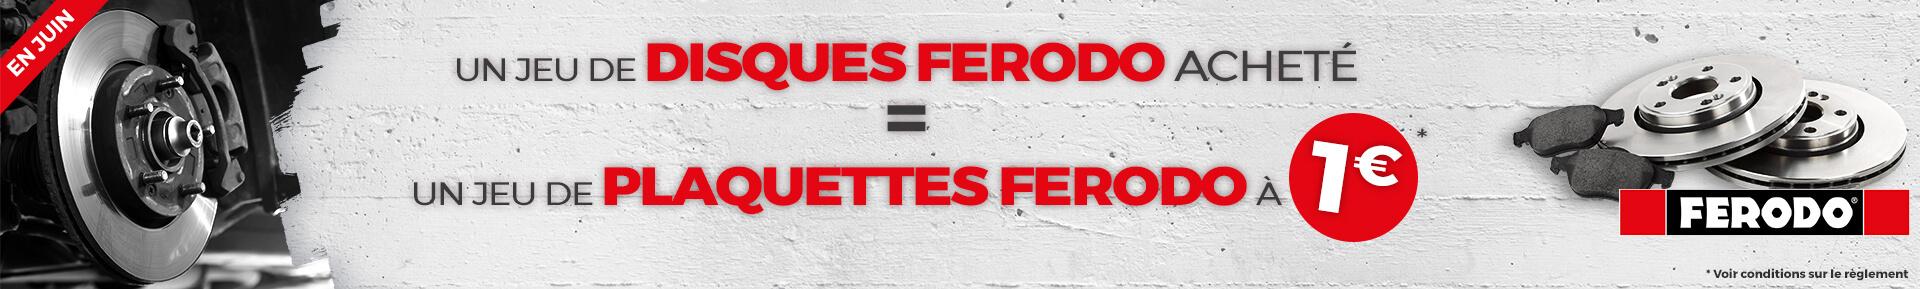 Un jeu de disques FERODO acheté = un jeu de plaquettes FERODO à 1€ *